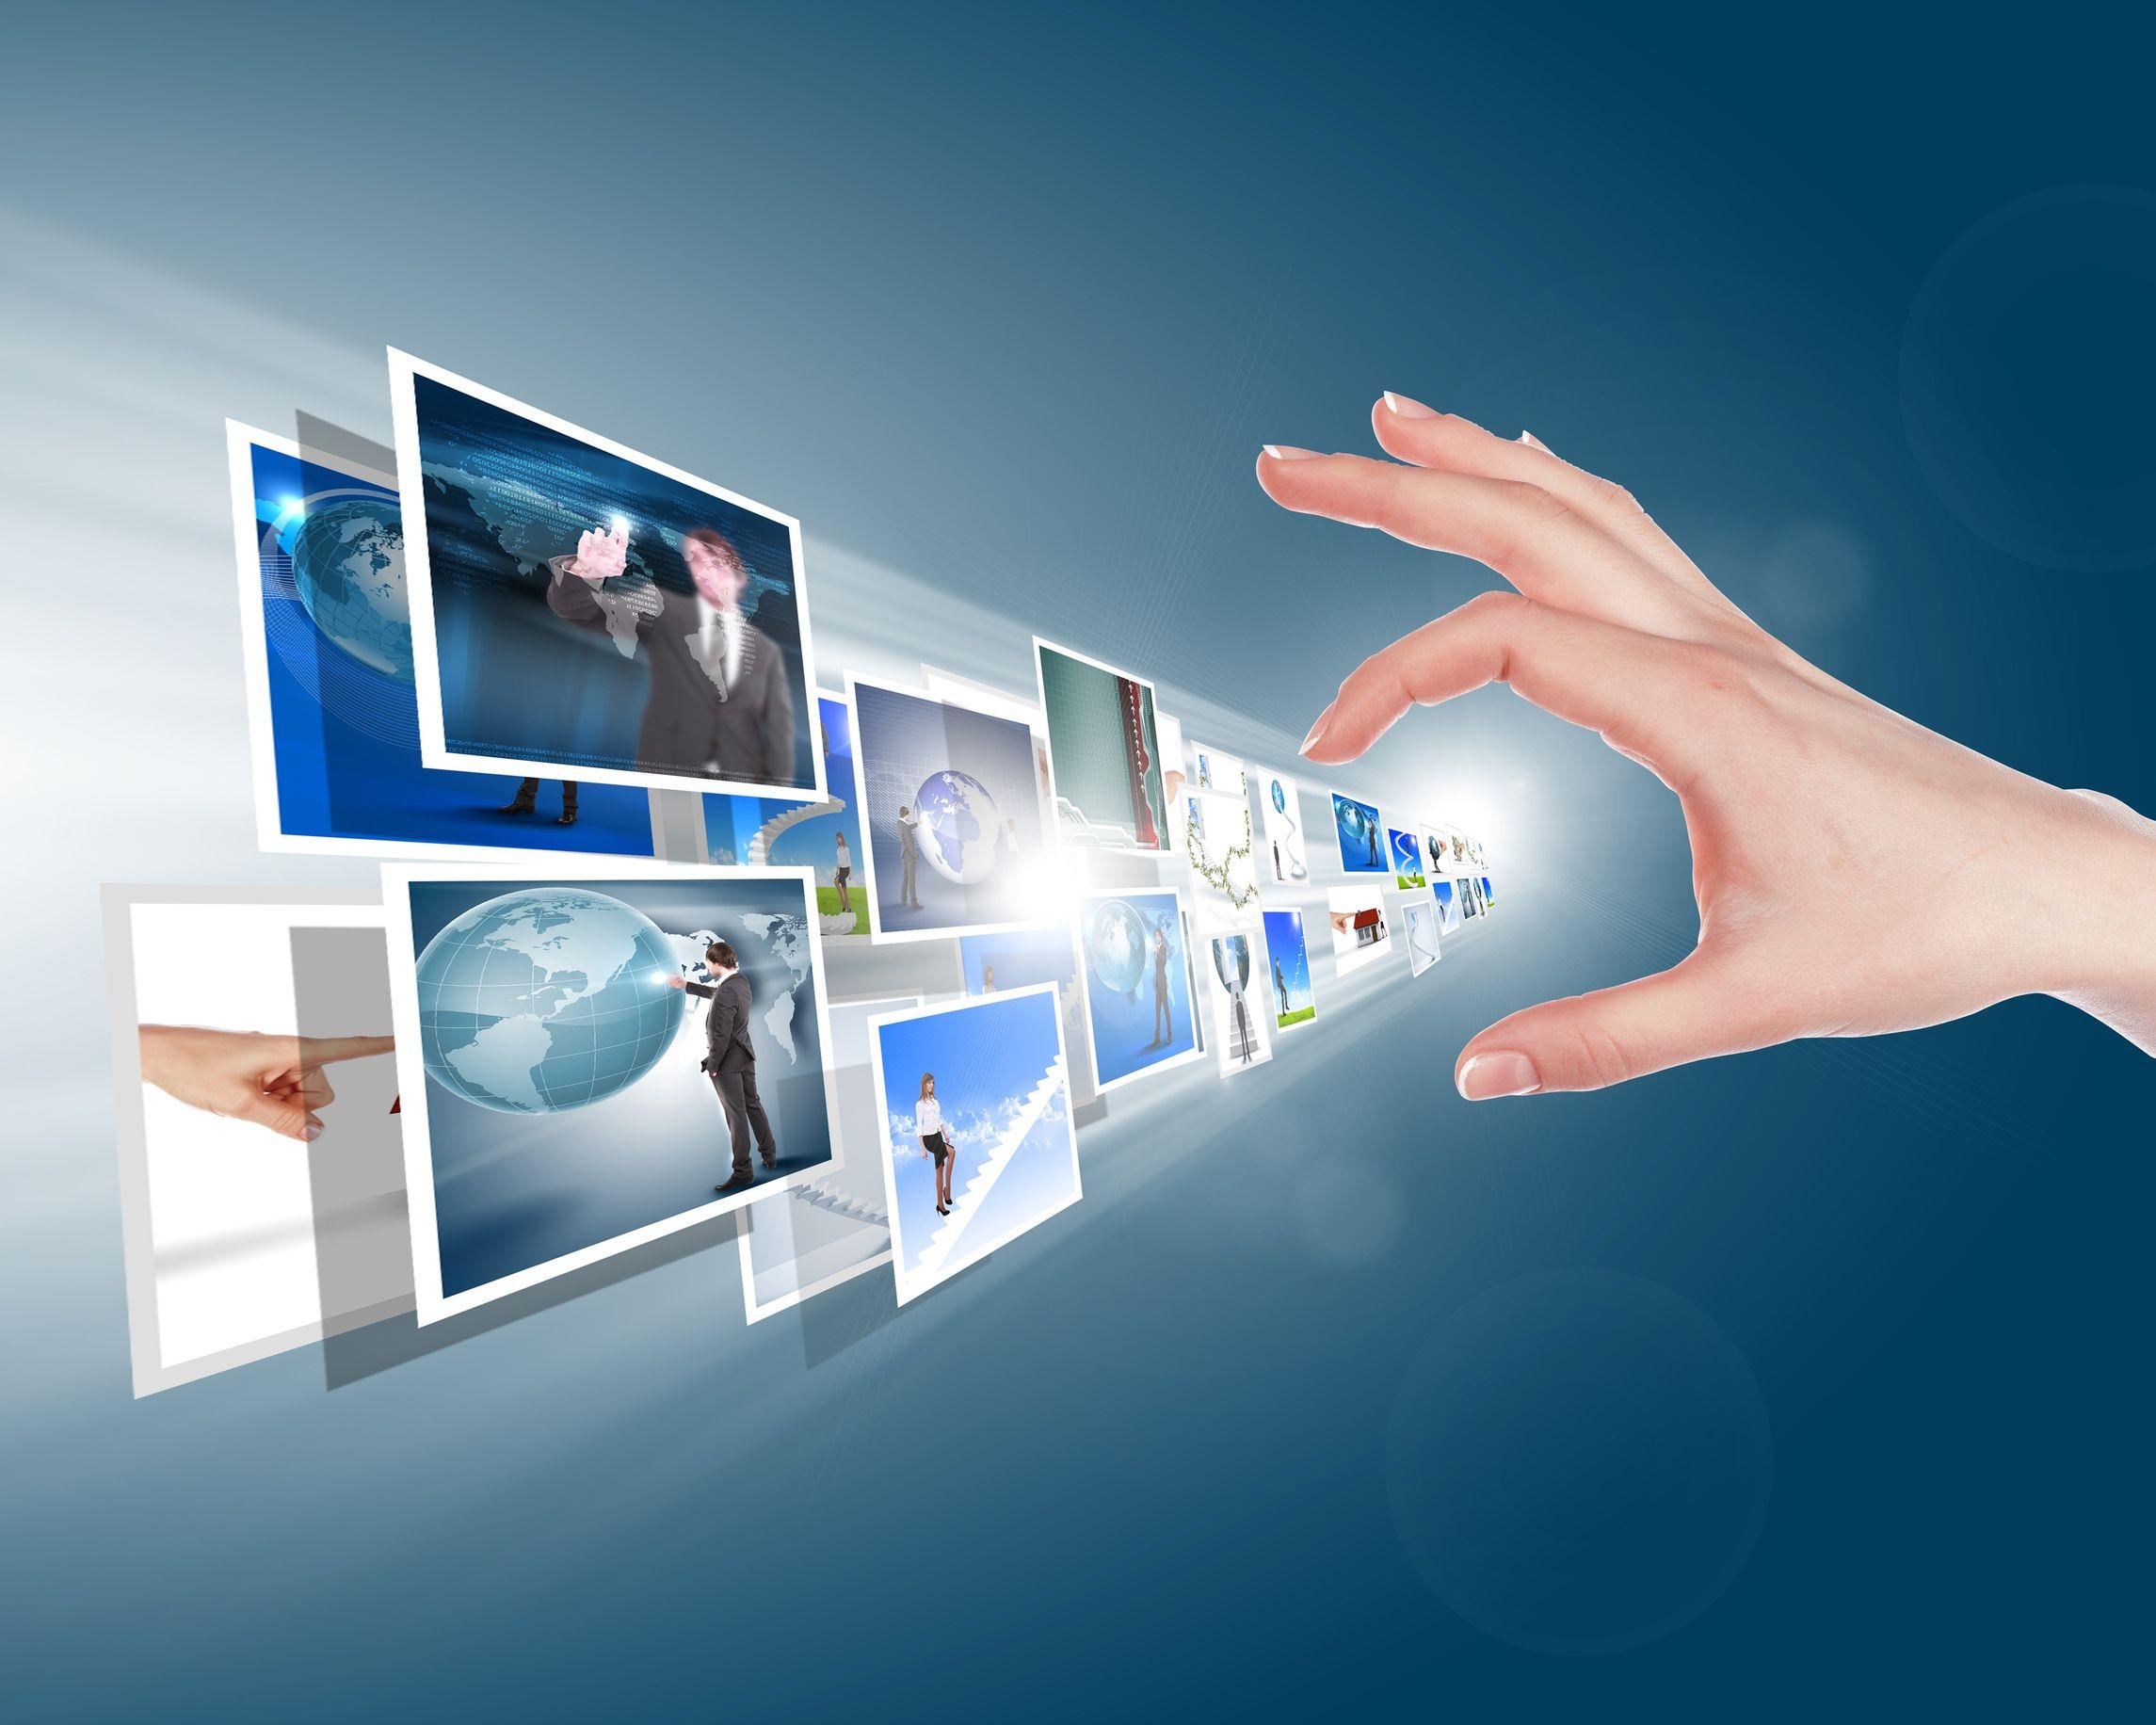 Khi bạn muốn nâng cấp website thì cần nâng cấp những gì?